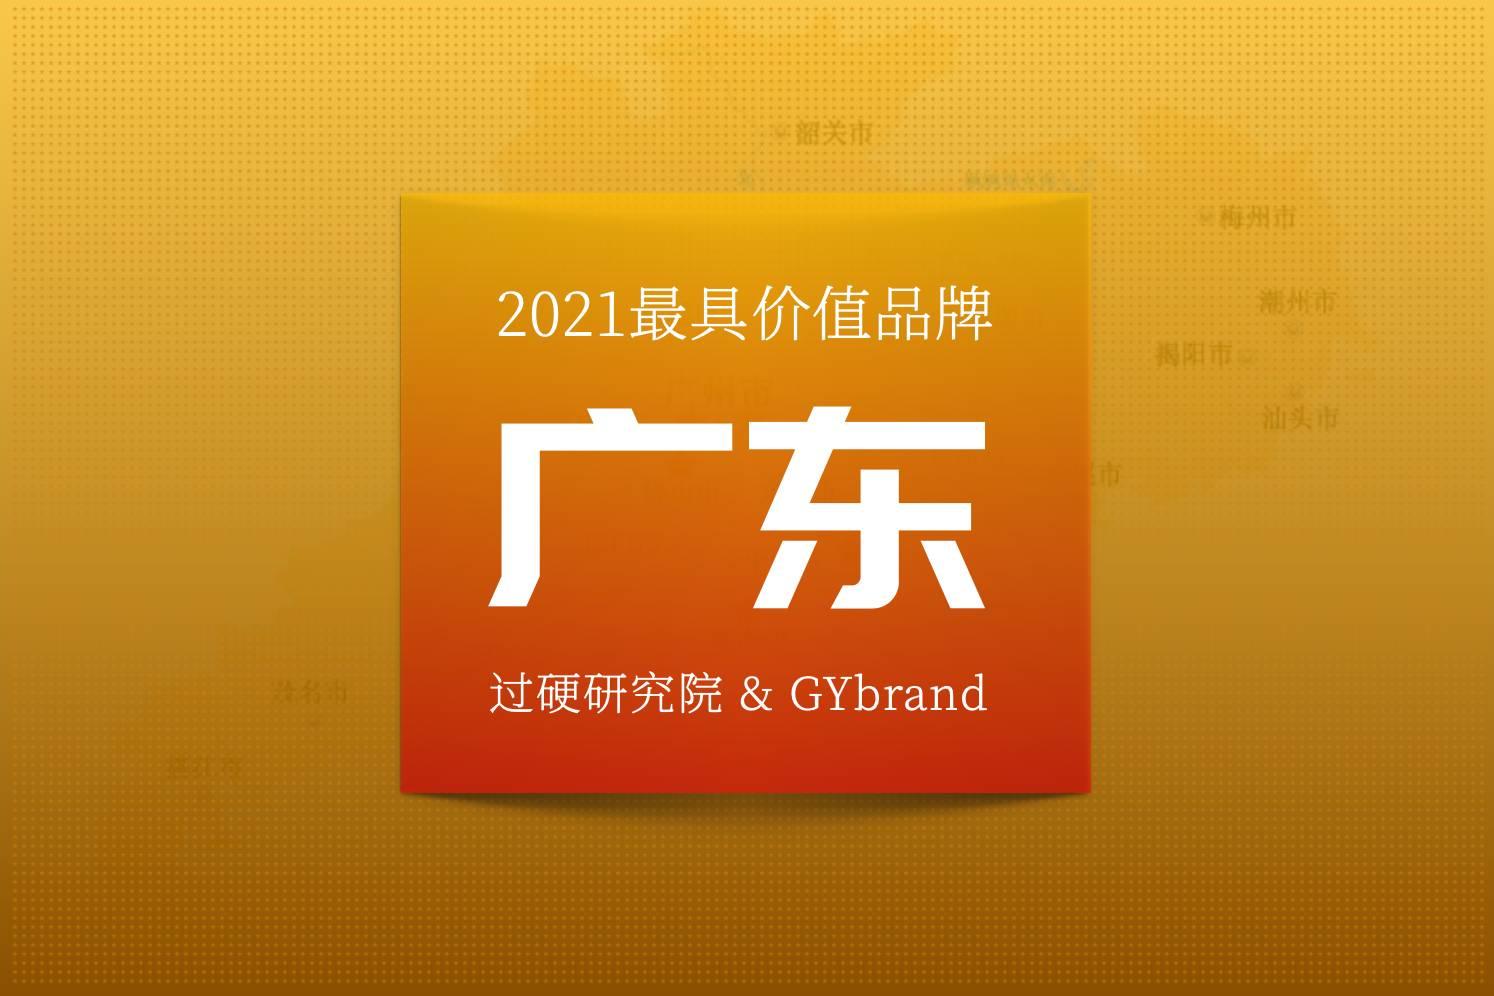 2021广东百强企业名单:深圳广州霸榜,共有76家入选